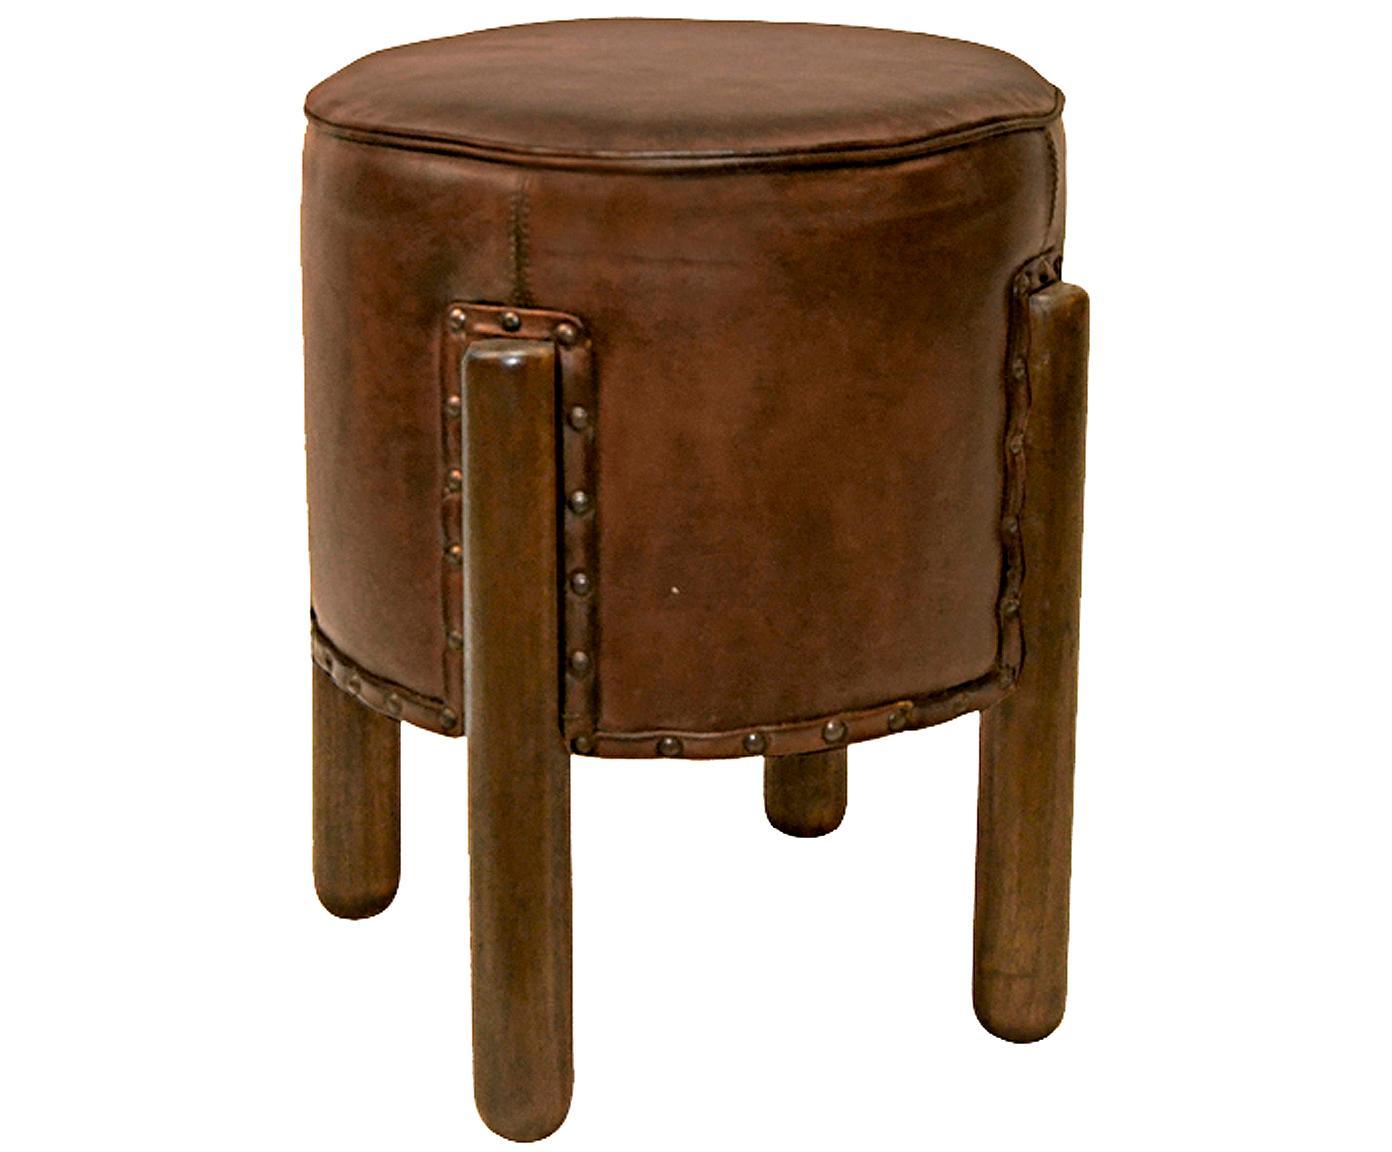 Taburete de piel Trenza, Tapizado: piel, Patas: madera de caoba, Marrón, Ø 38 x Al 50 cm